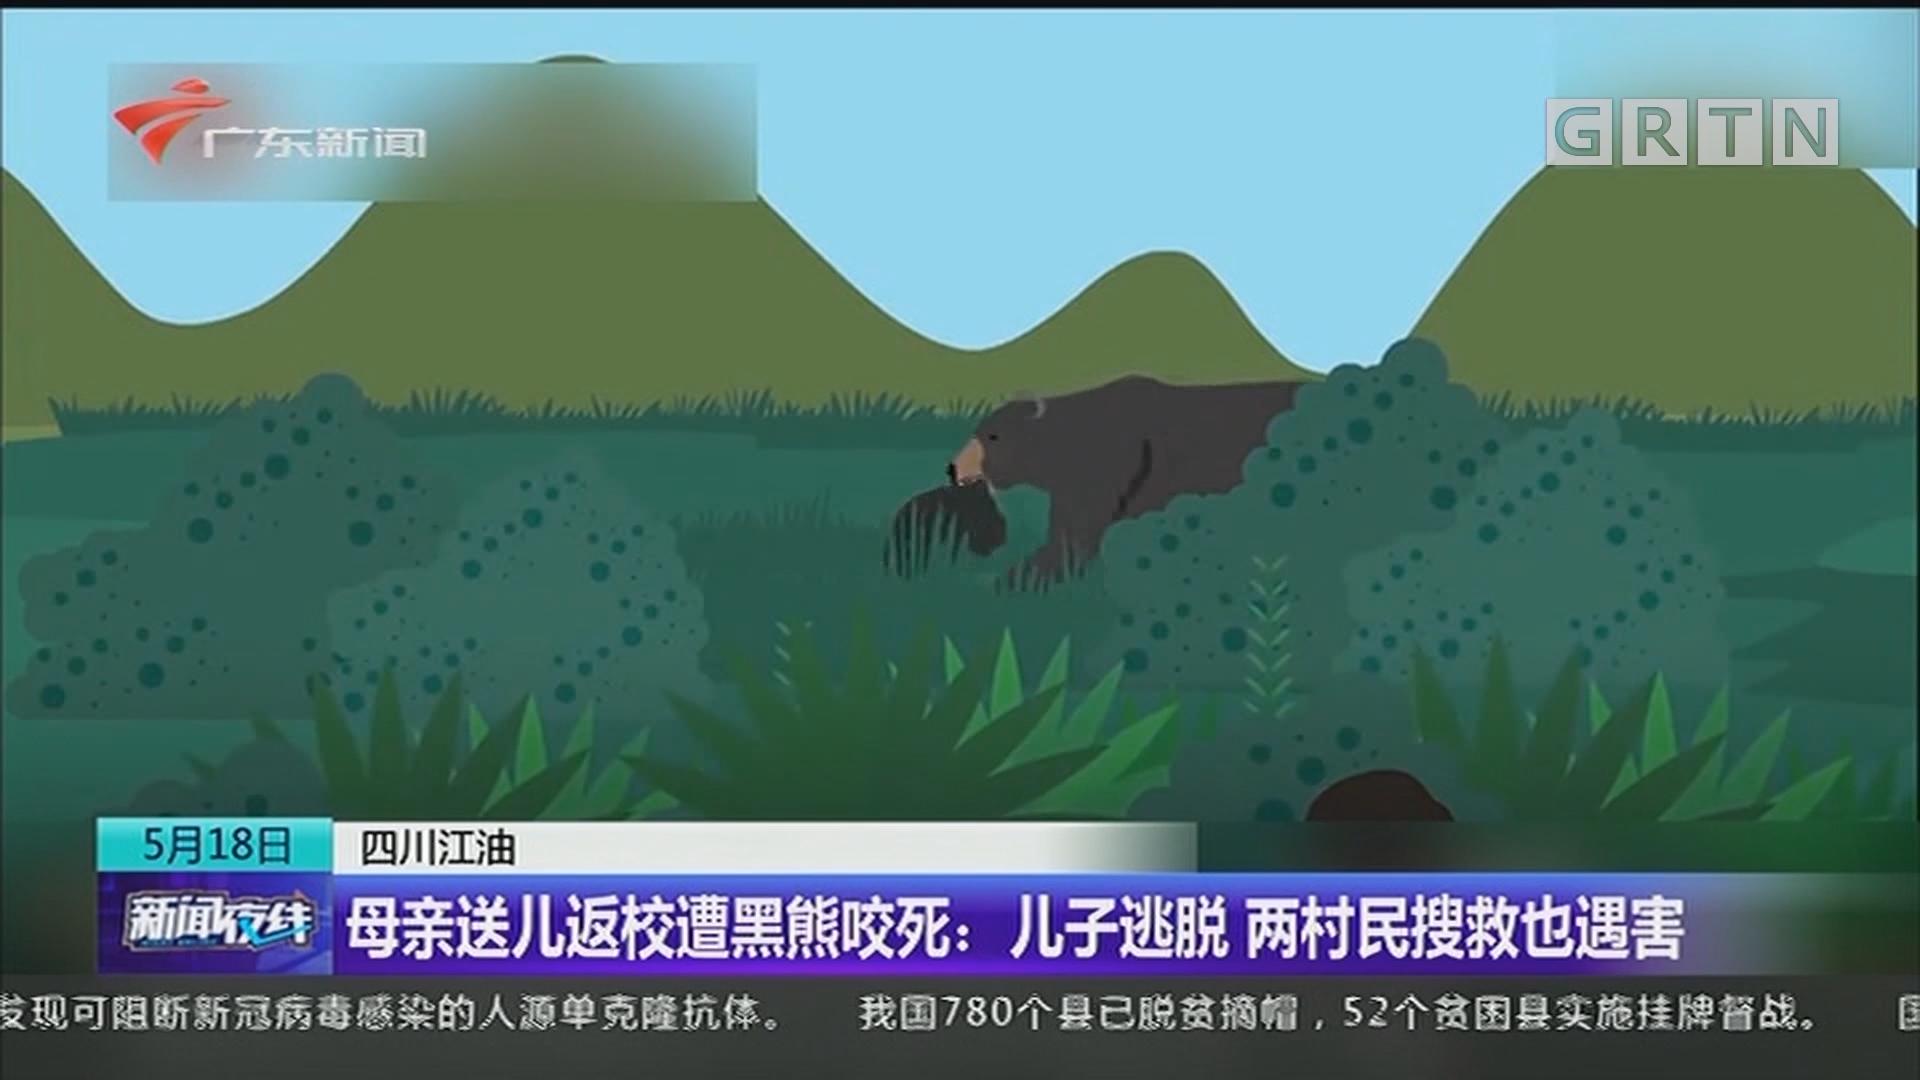 四川江油 母亲送儿返校遭黑熊咬死:儿子逃脱 两村民搜救也遇害